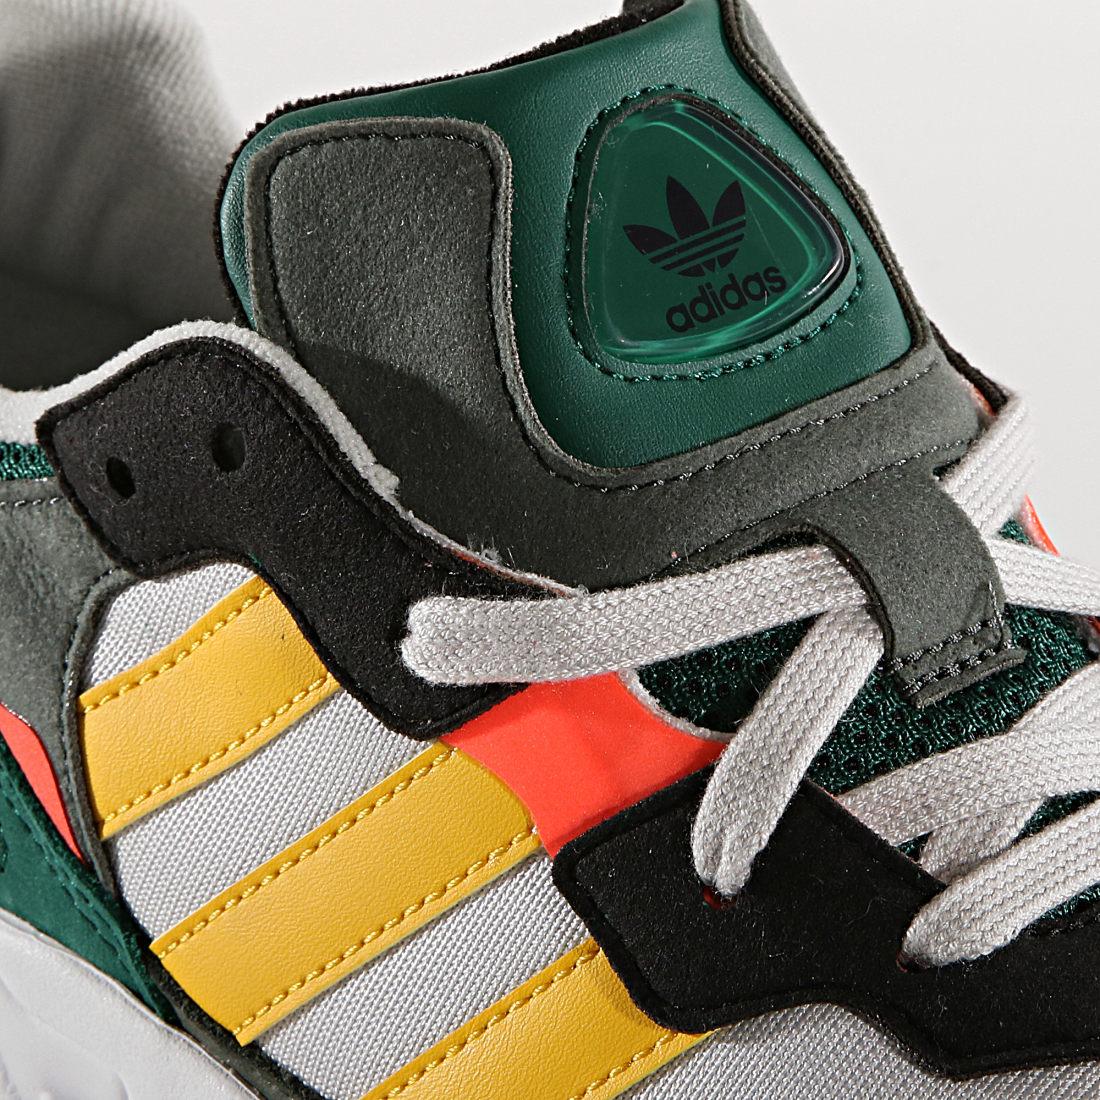 adidas - Baskets Yung-96 DB2605 Grey One Bold Gols Solar Red ...